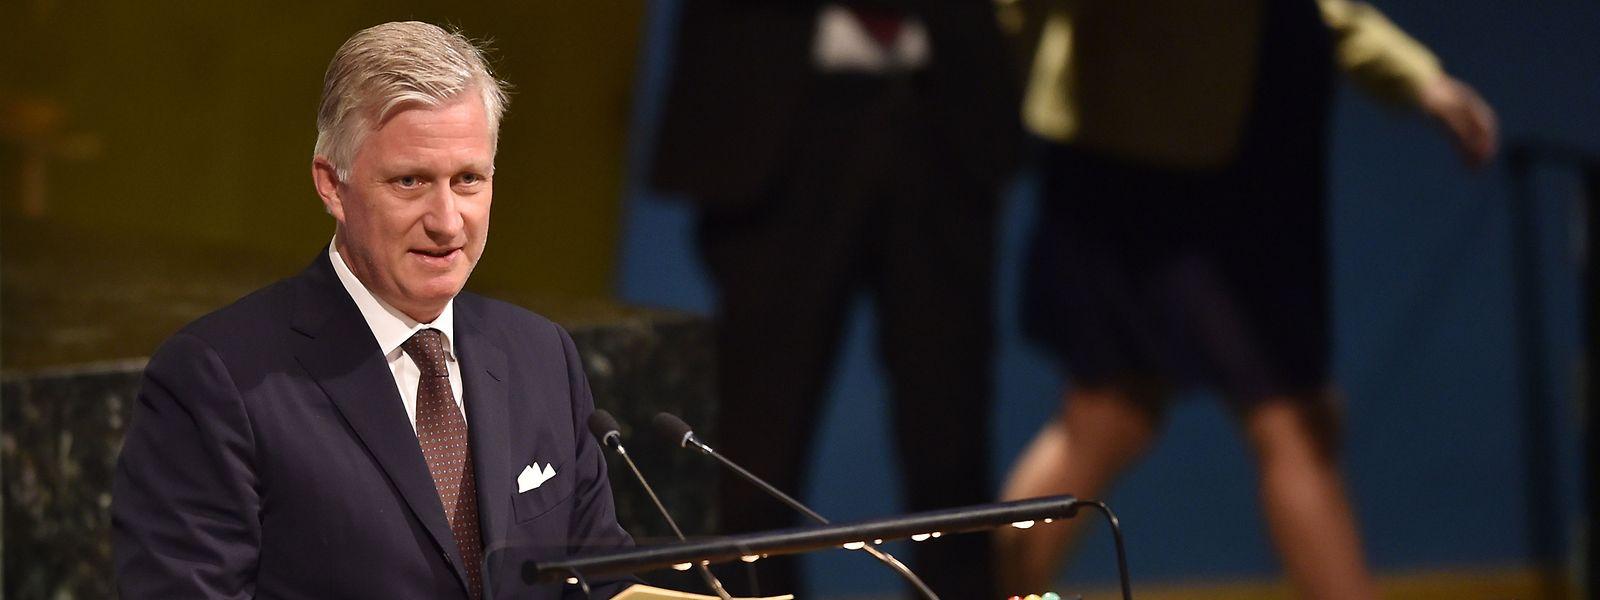 Toute la Belgique politique est suspendue ce lundi à la réponse du roi Philippe face à l'échec des préformateurs Bart De Wever et Paul Magnette